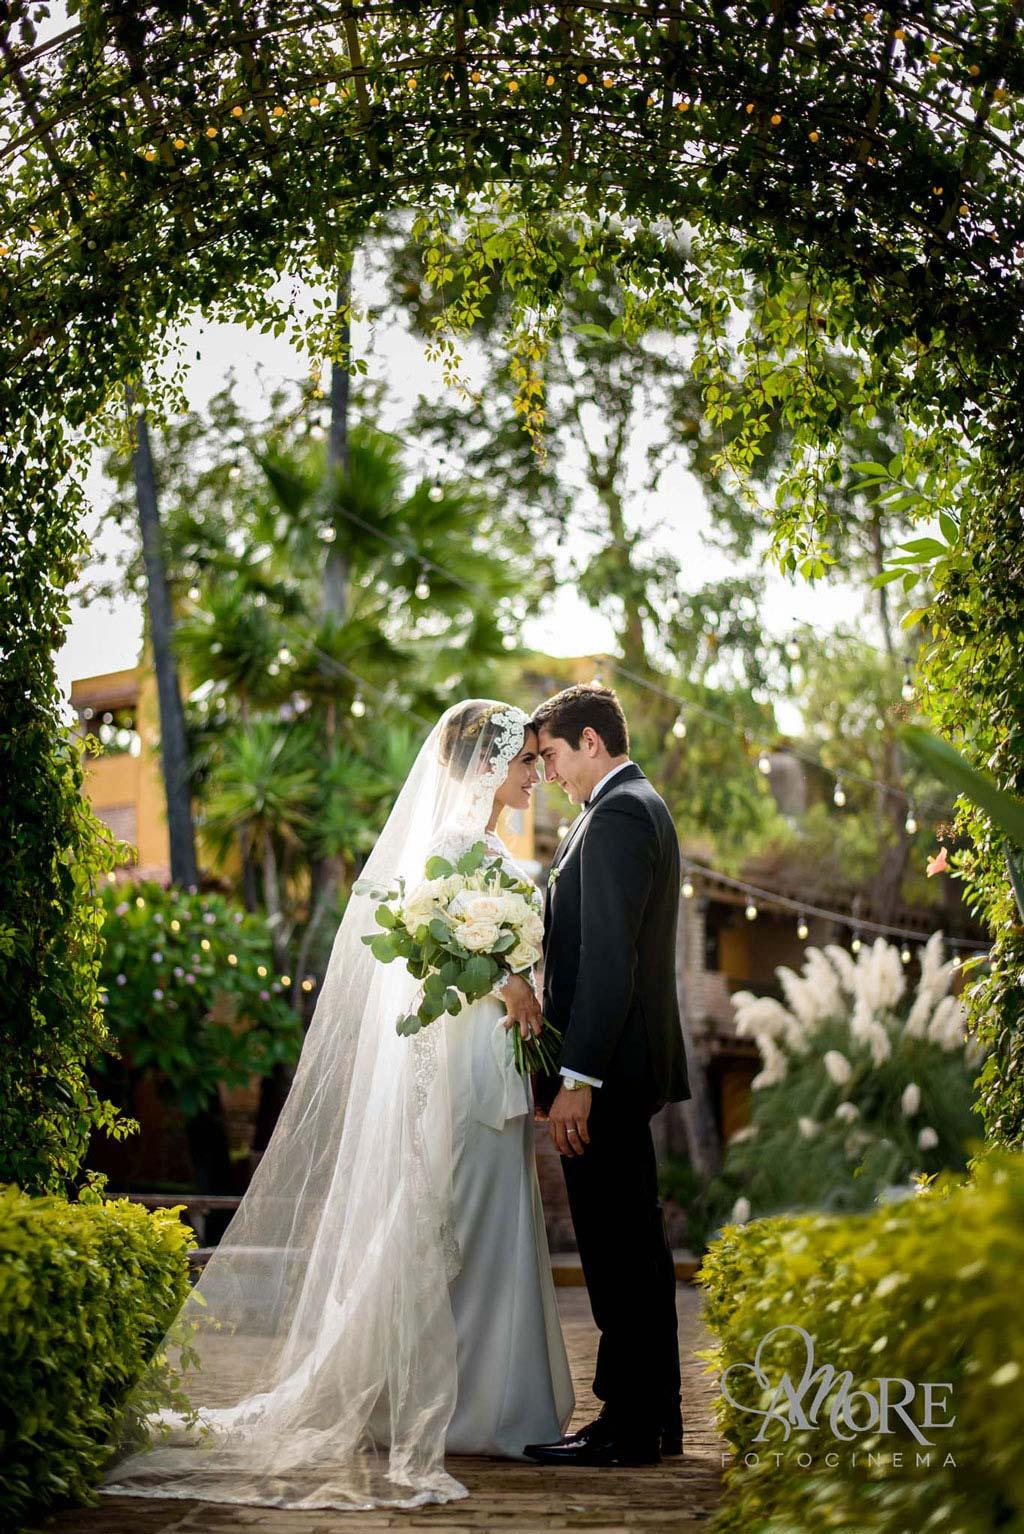 Fotografia de bodas en Ciudad Guzman Jal